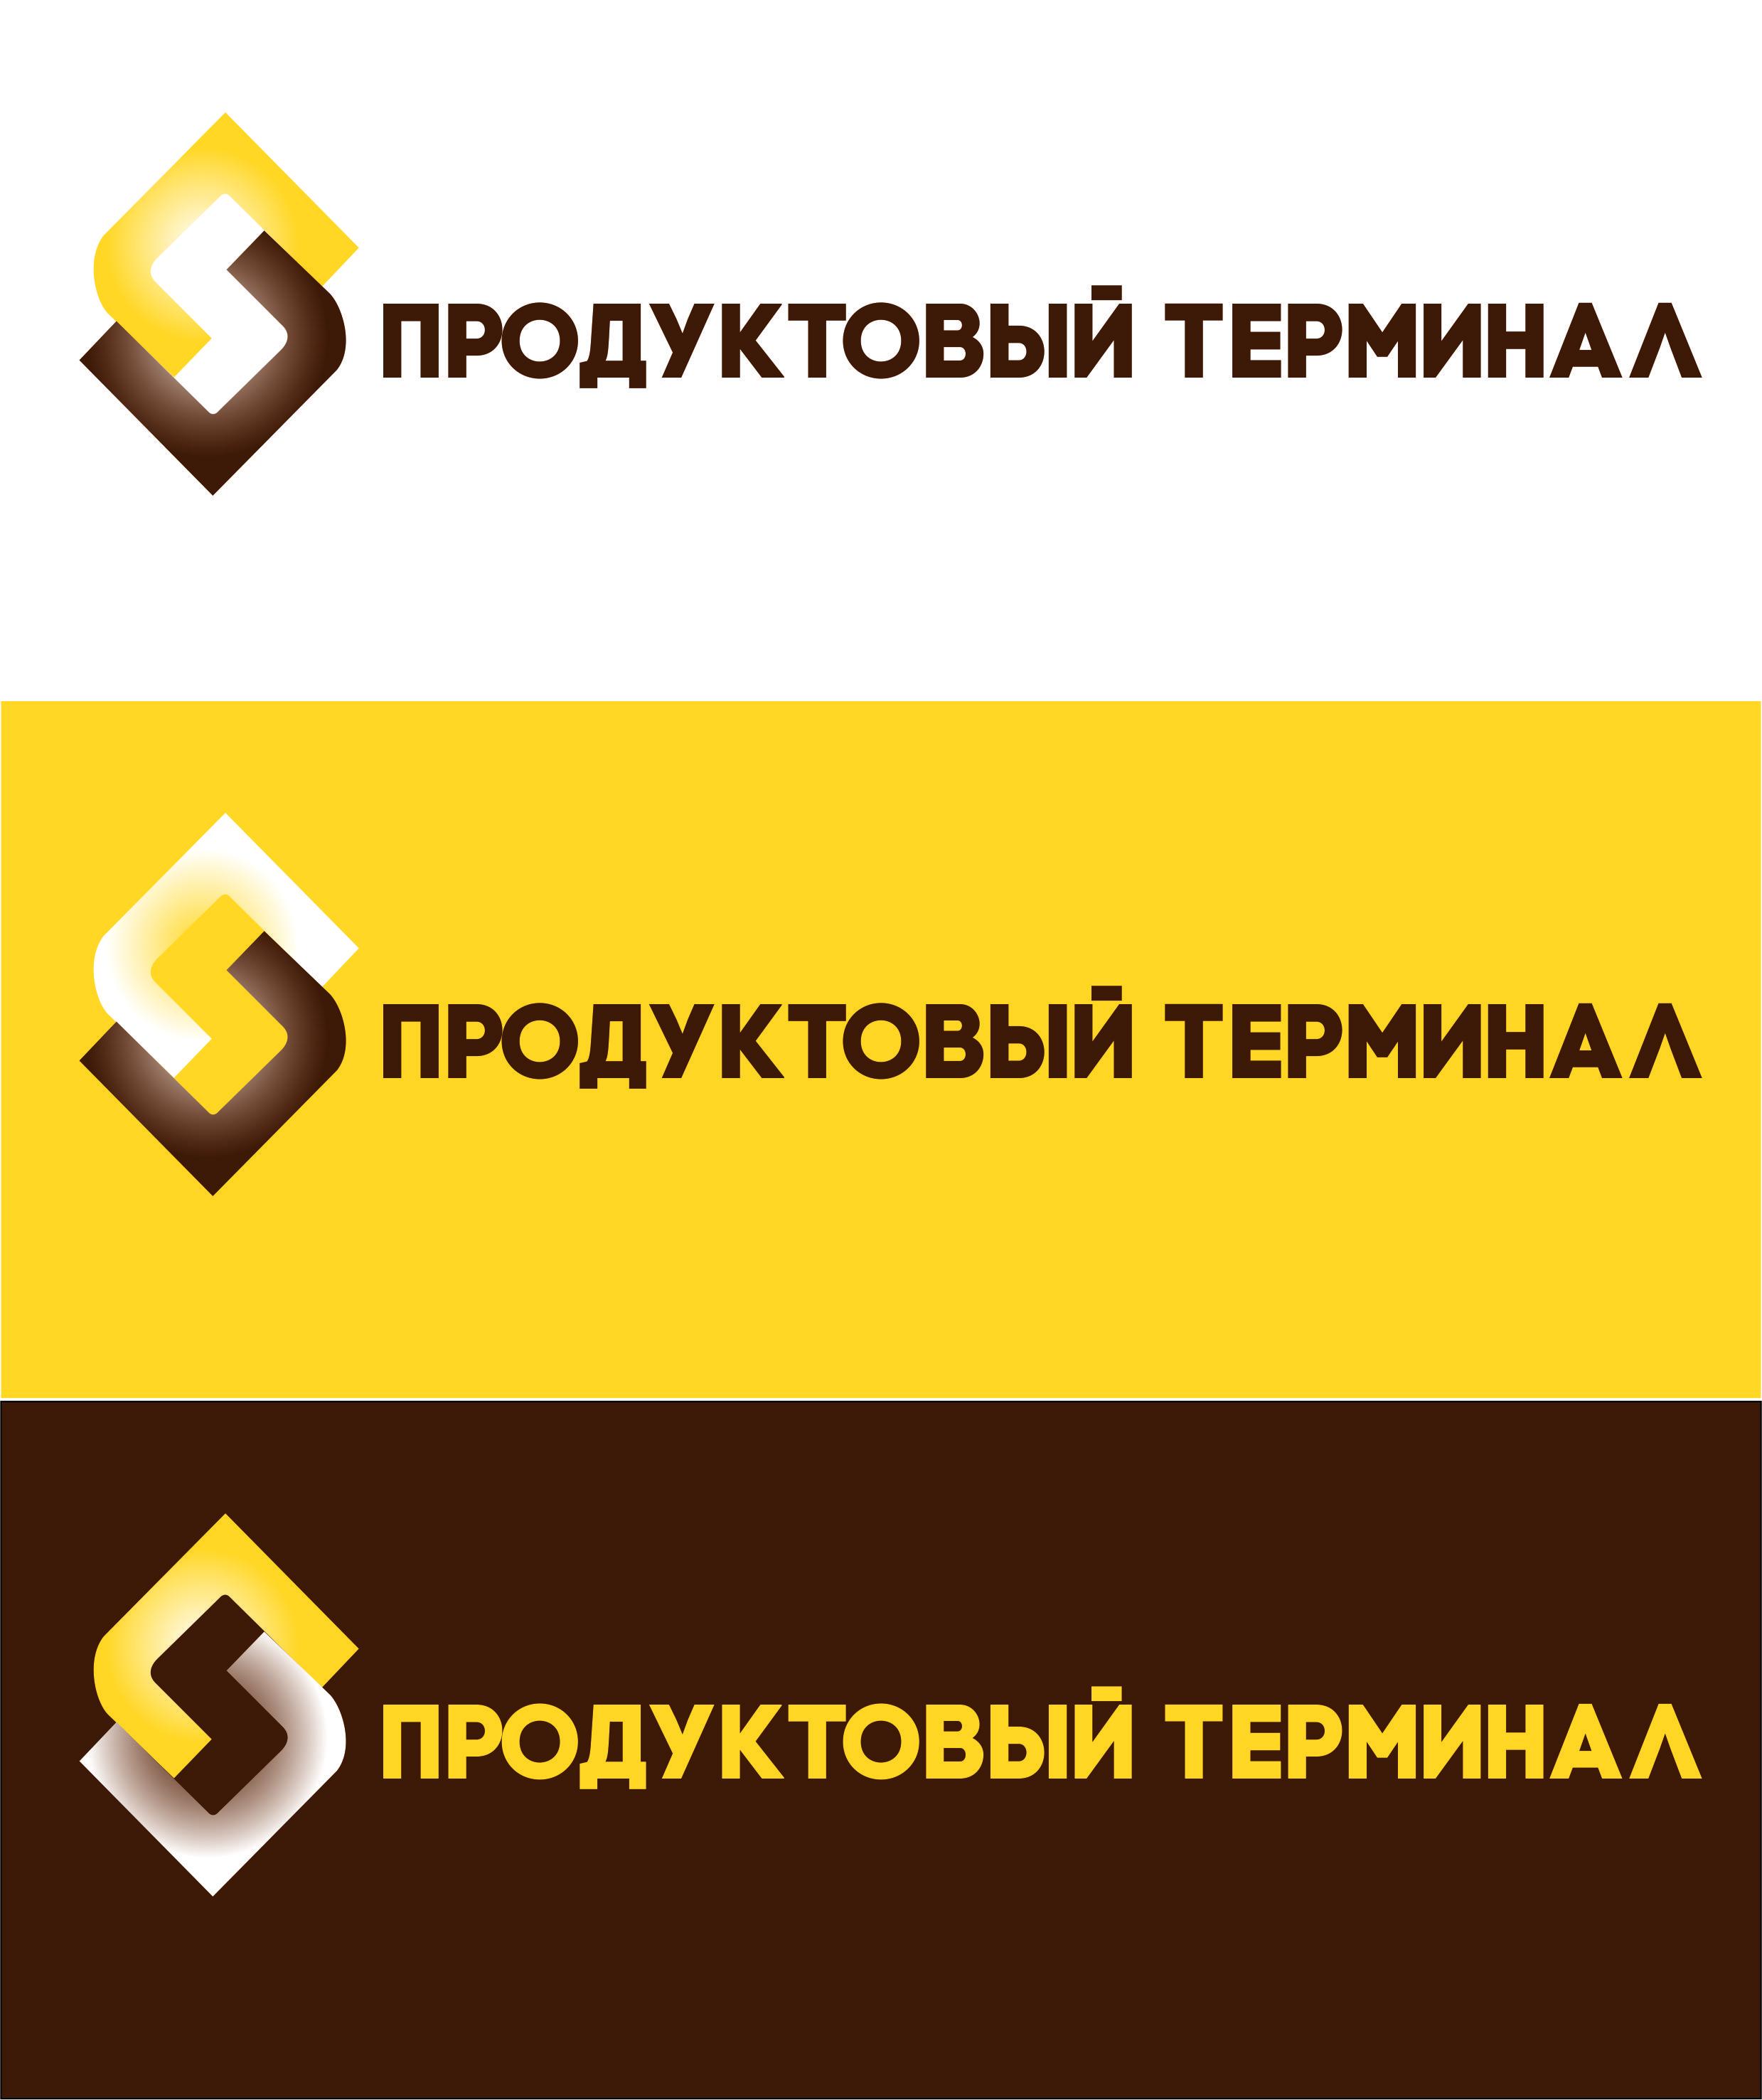 Логотип для сети продуктовых магазинов фото f_75856f906a99334c.jpg